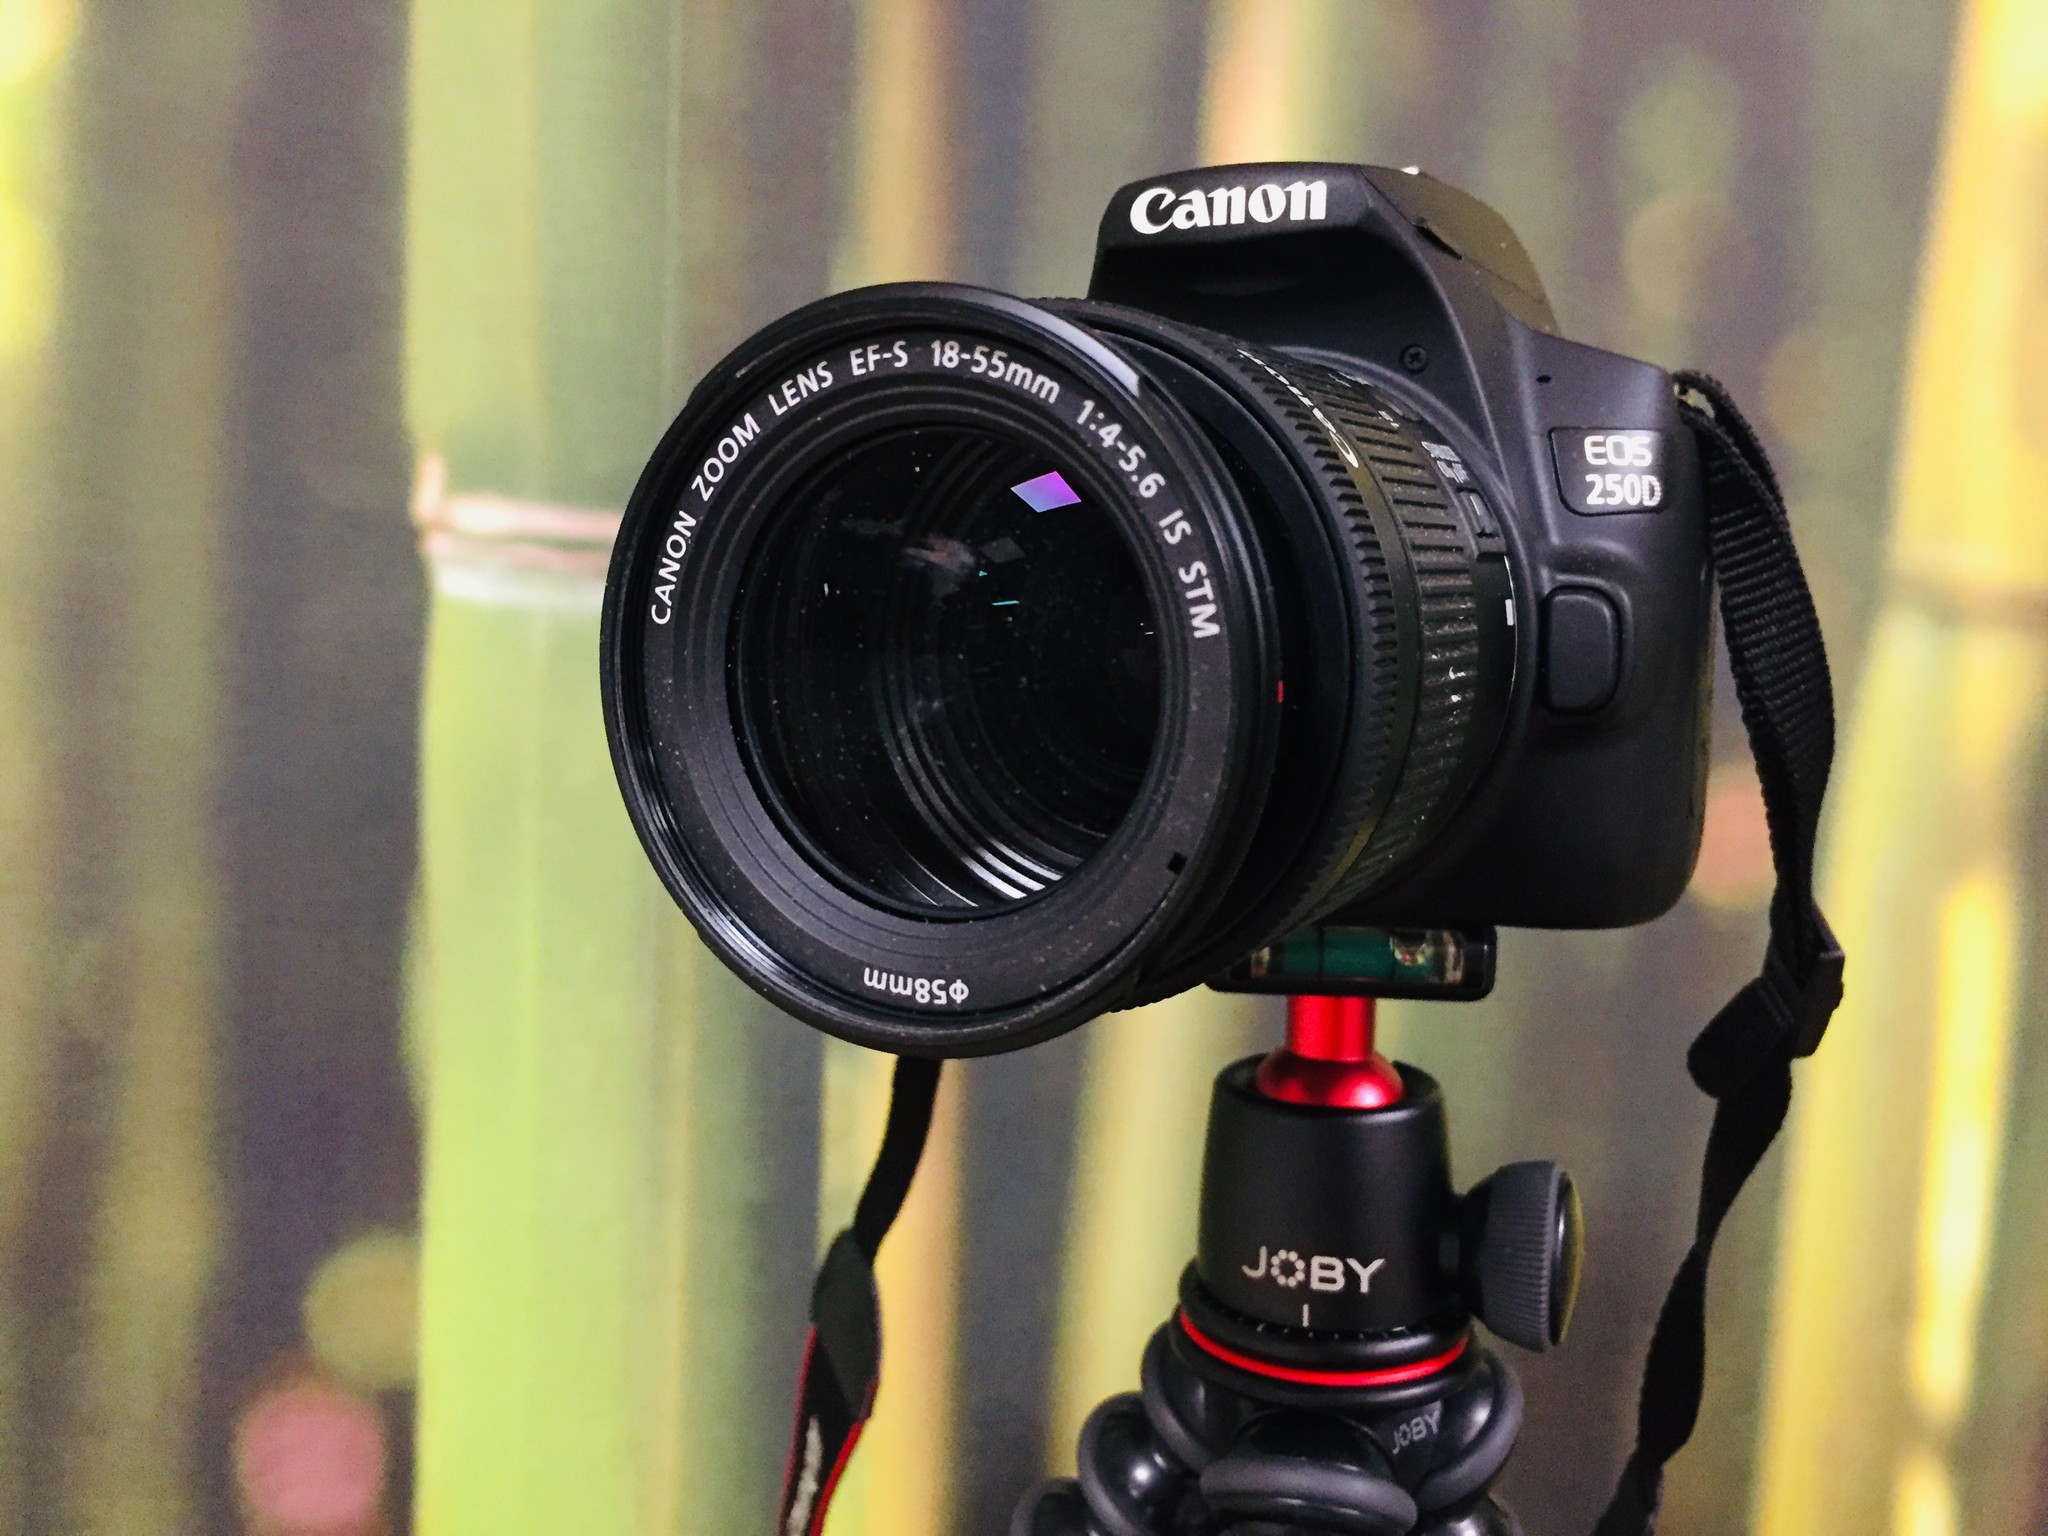 Onze camerastudio